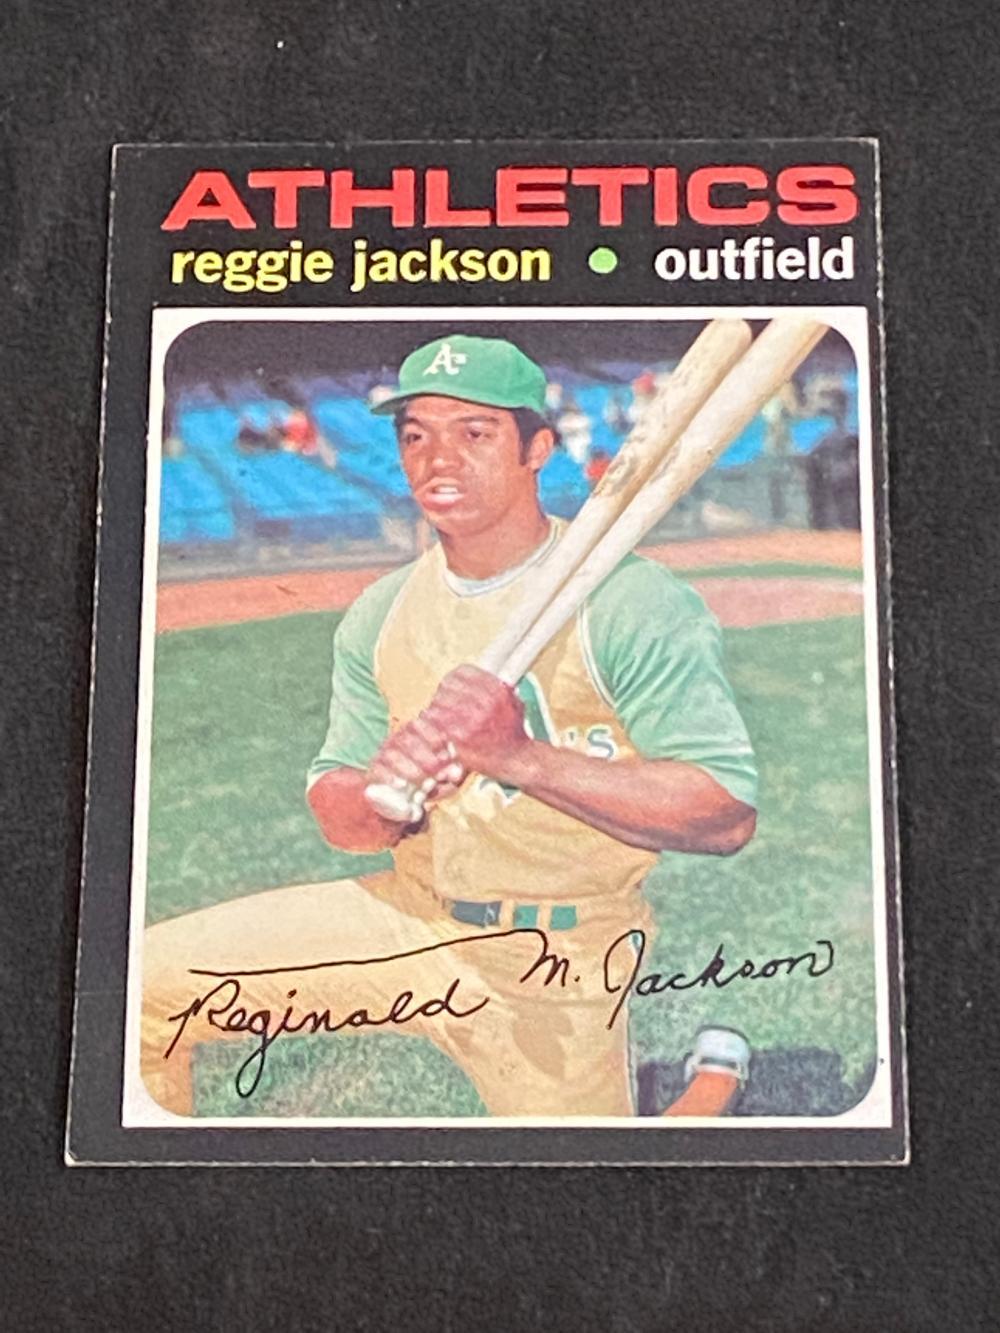 (EX) 1971 Topps Reggie Jackson #20 Baseball Card